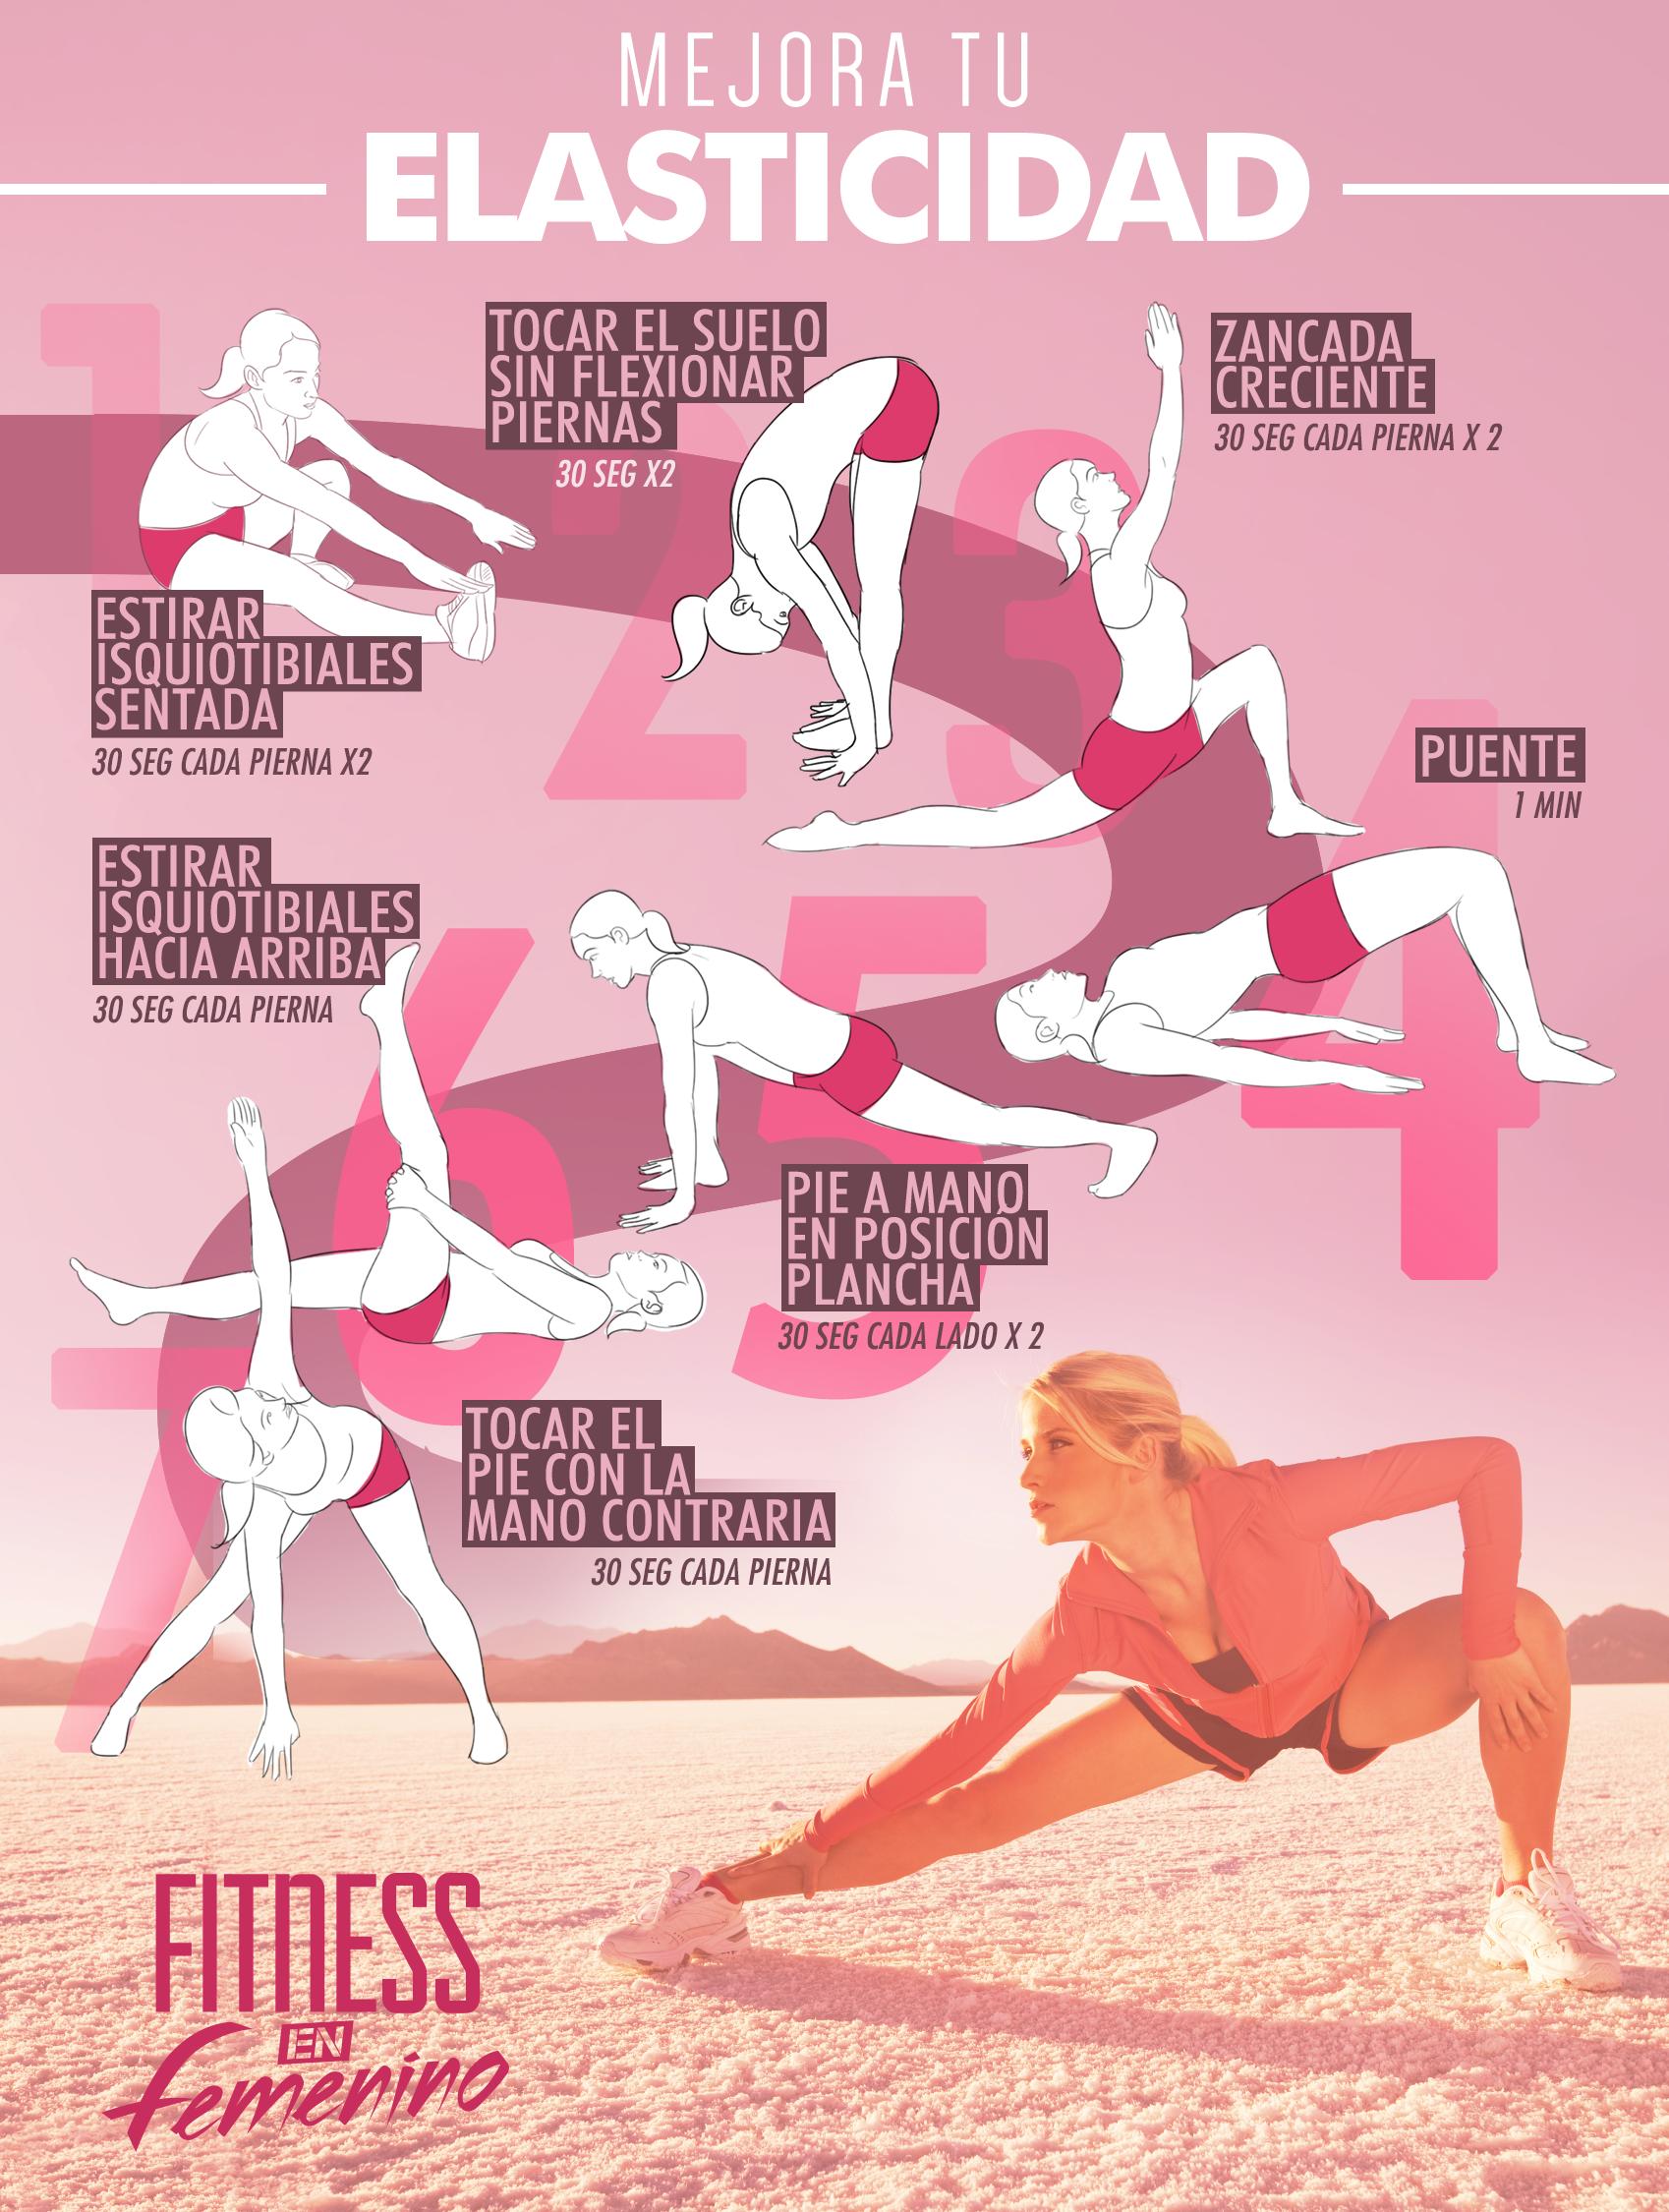 ejercicios para mejorar la flexibilidad isquiotibiales